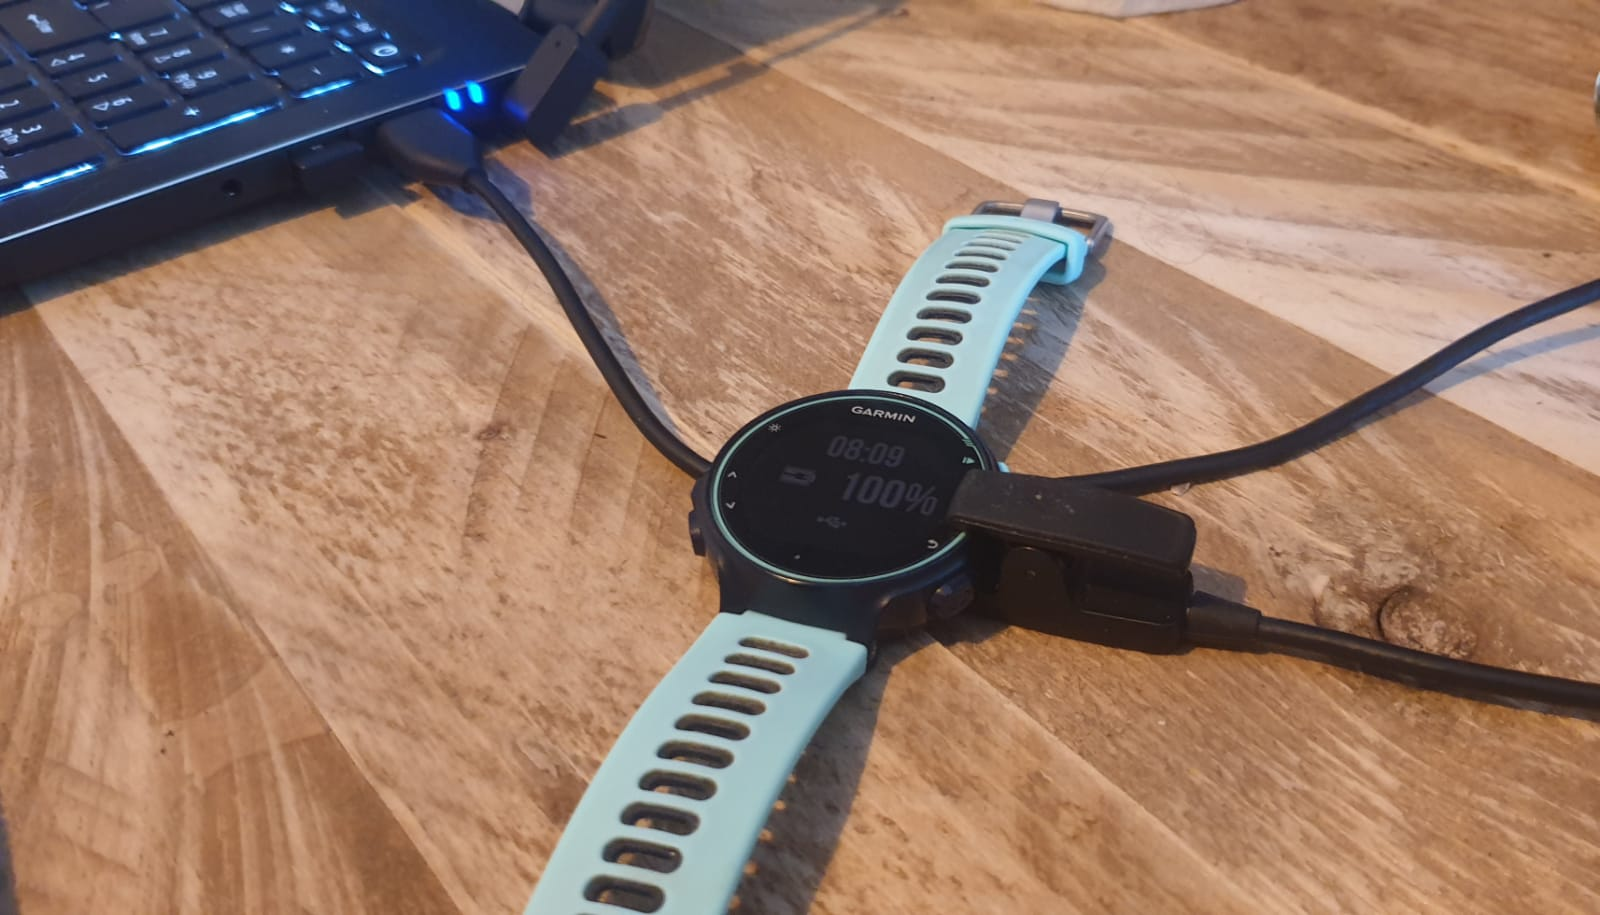 .fit bestand koppelen Garmin Strava computer